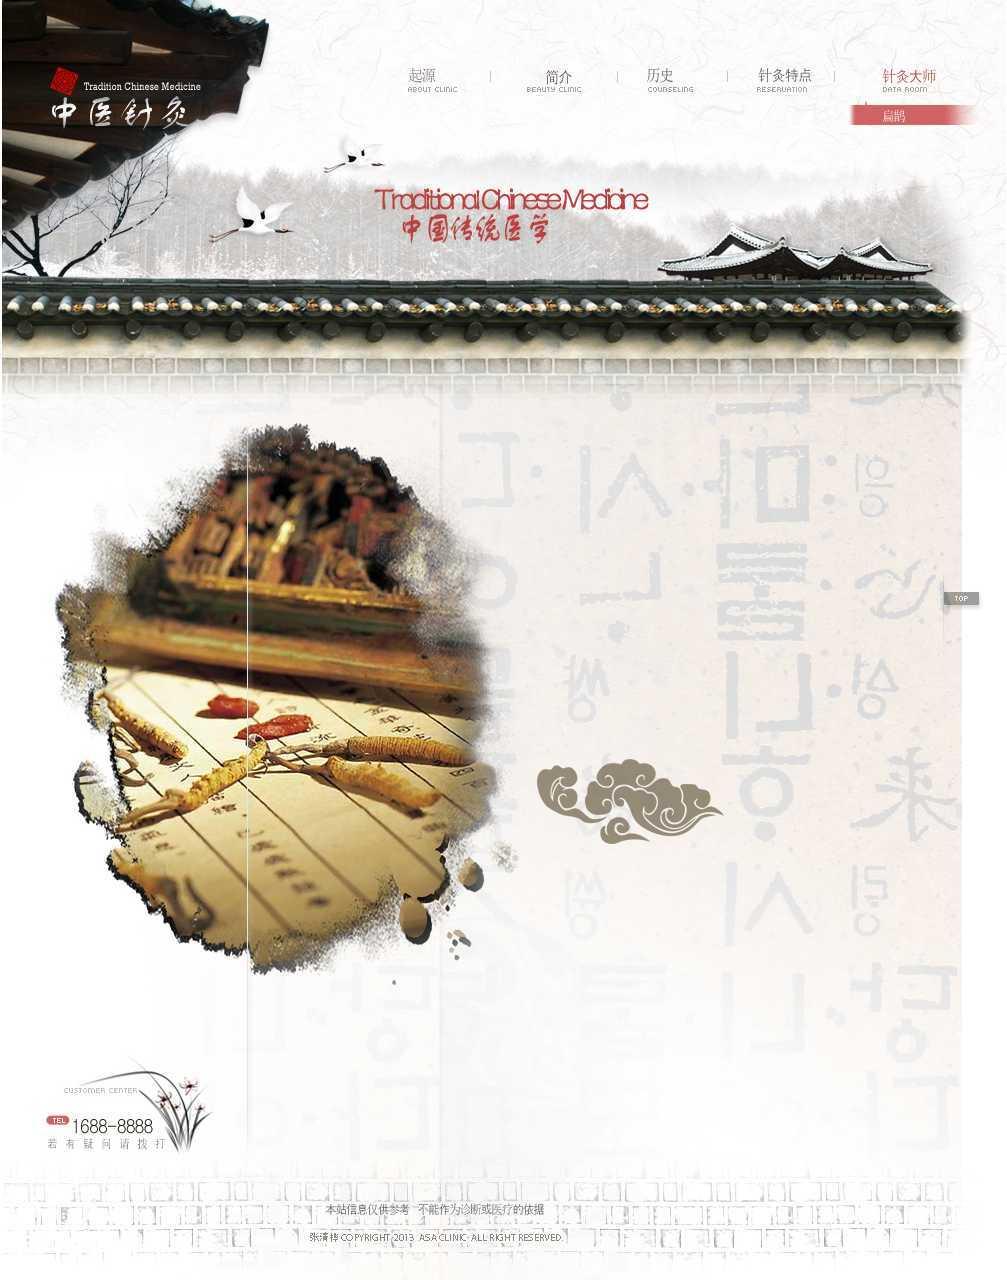 中国针灸介绍全图切,网页静态页html切图下载